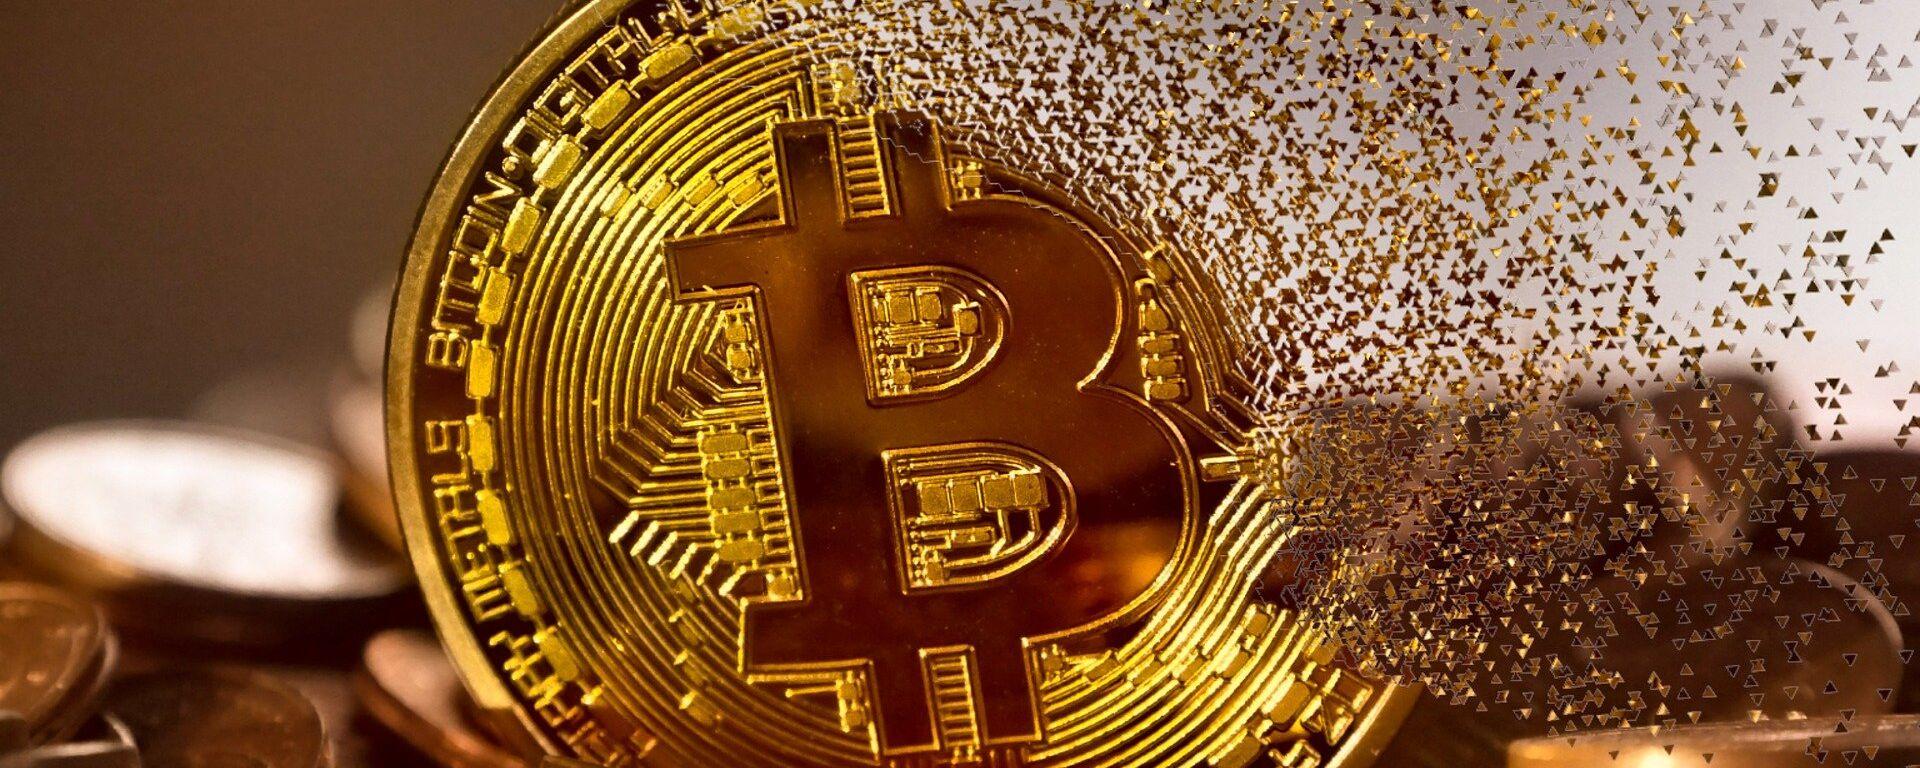 Un bitcoin haciéndose añicos - Sputnik Mundo, 1920, 19.06.2021